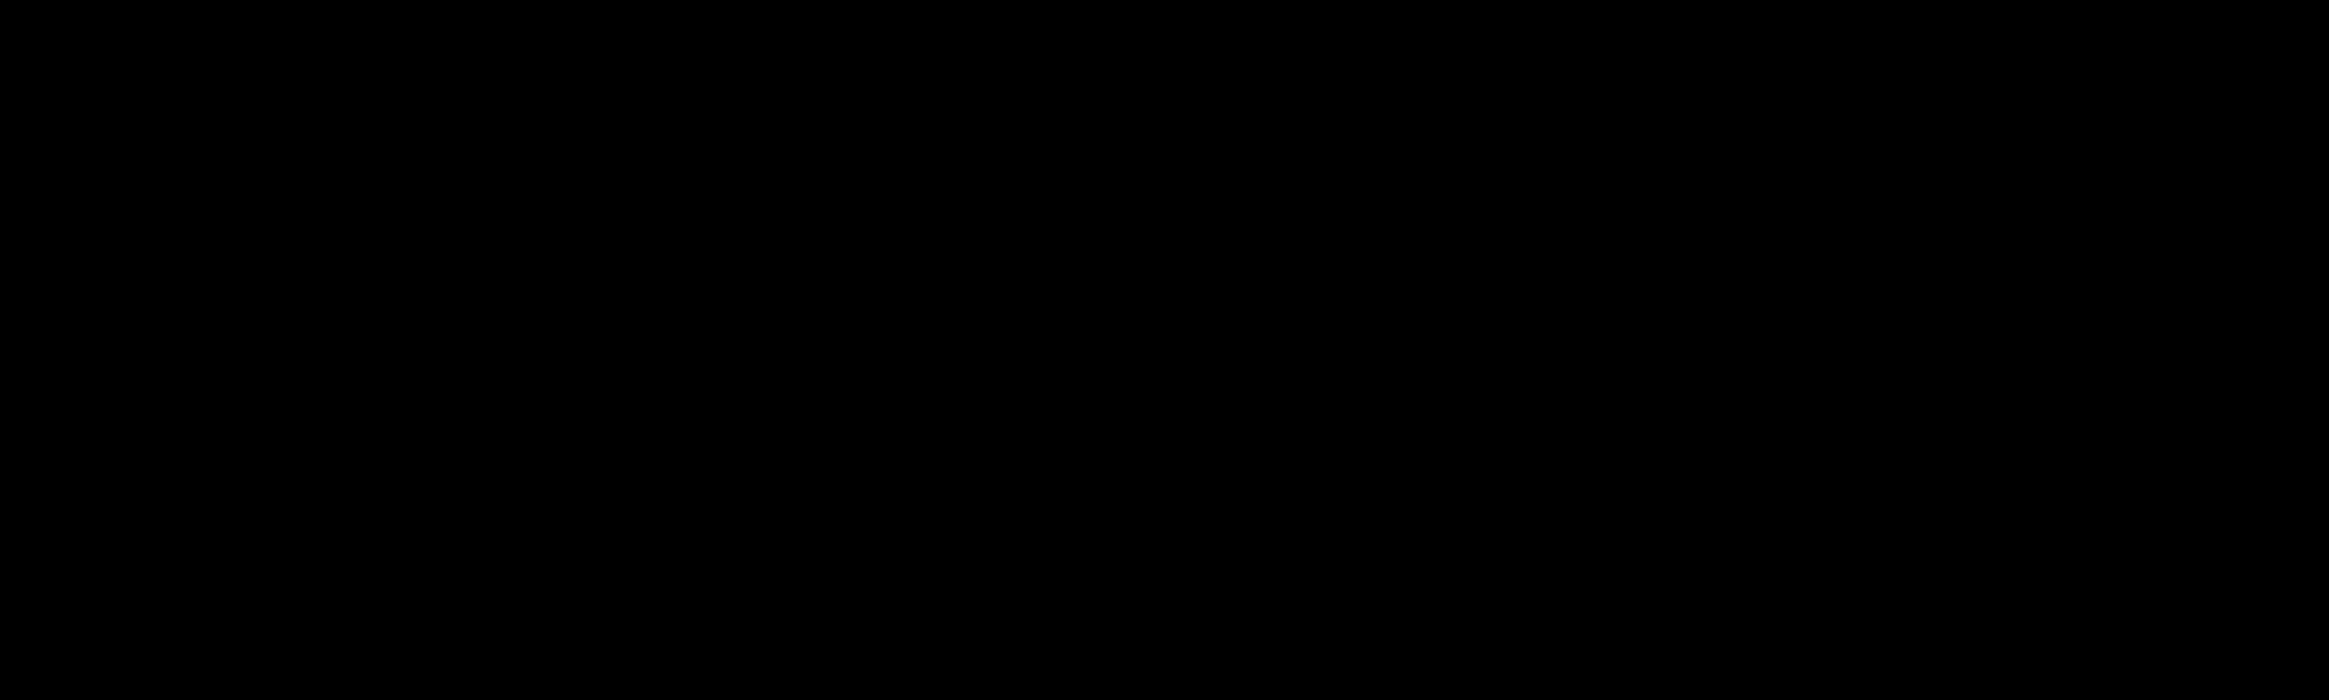 spotify-logo-png-black-hd-png-download